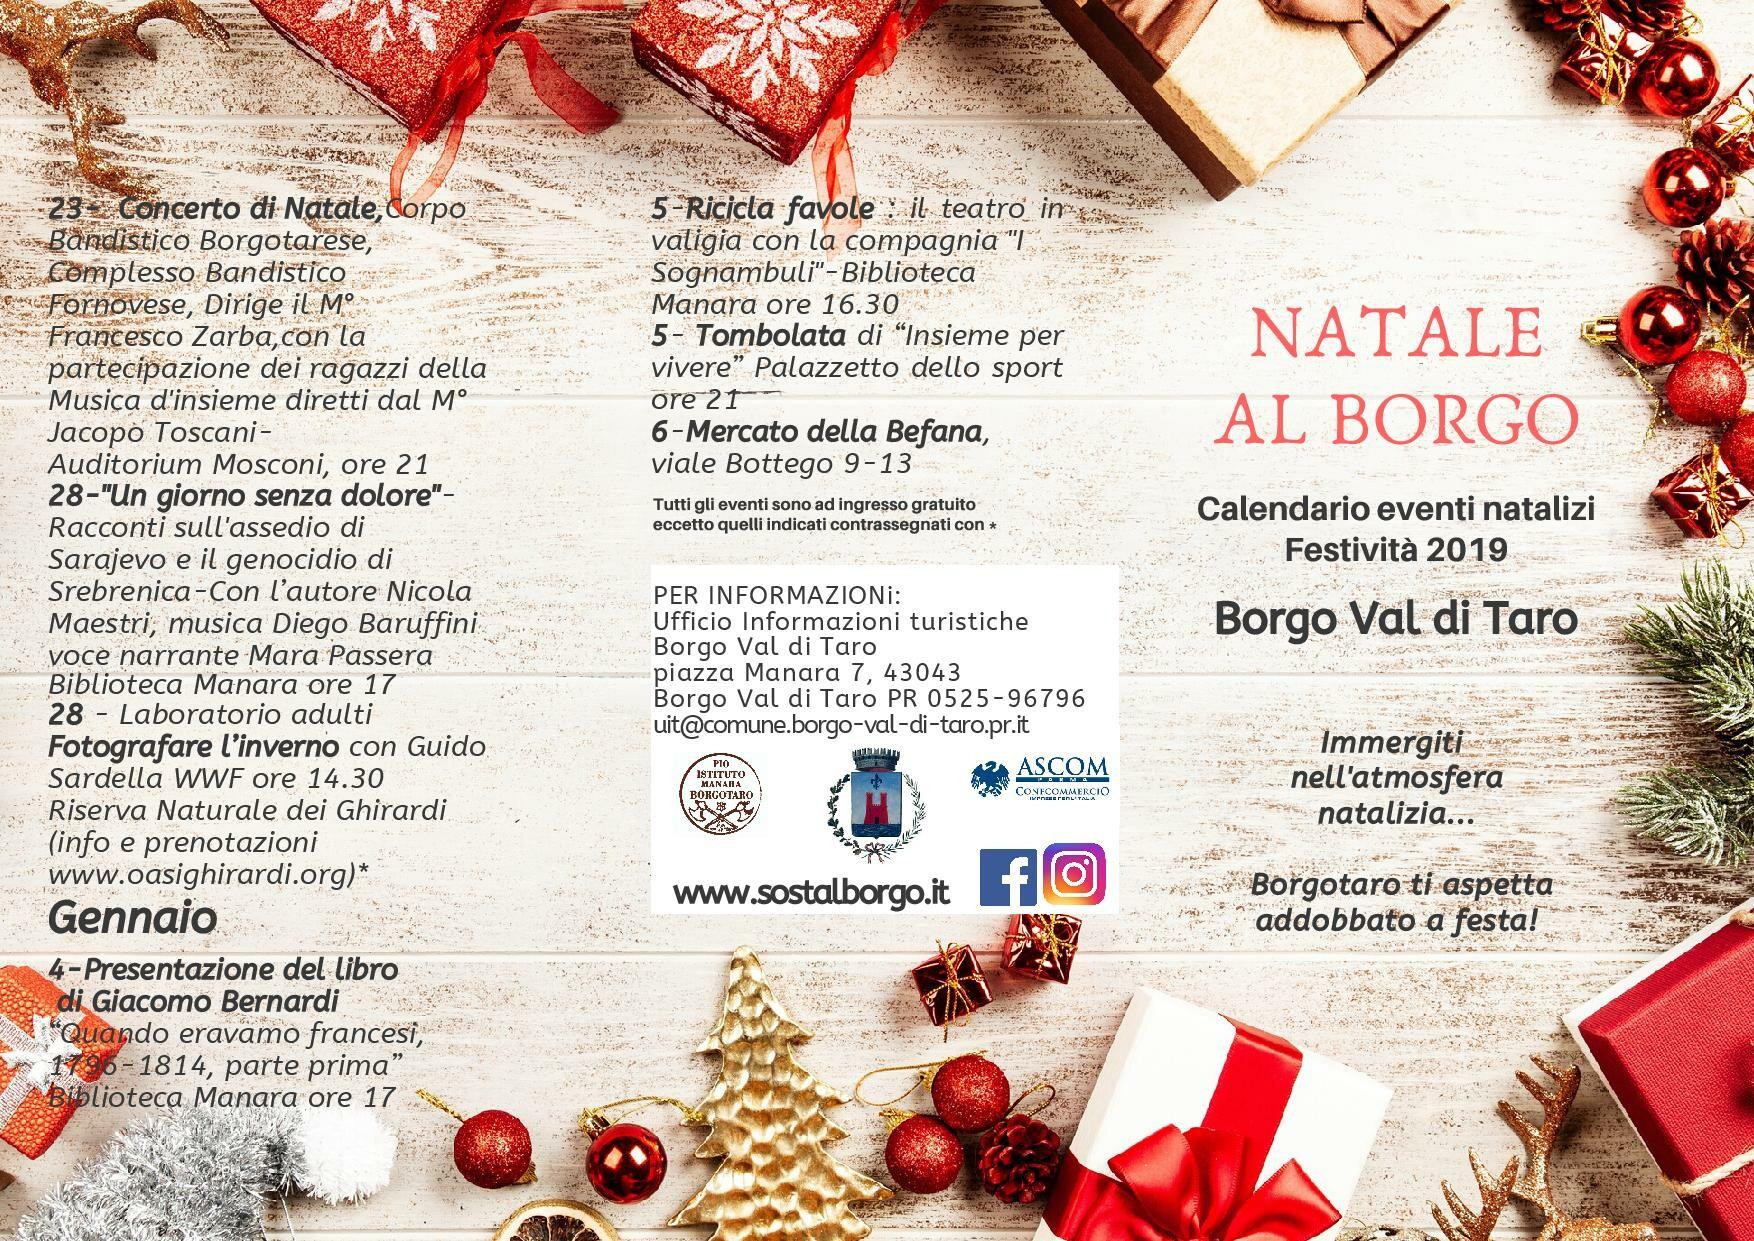 Natale al borgo: programma dal 23 dicembre al 6gennaio